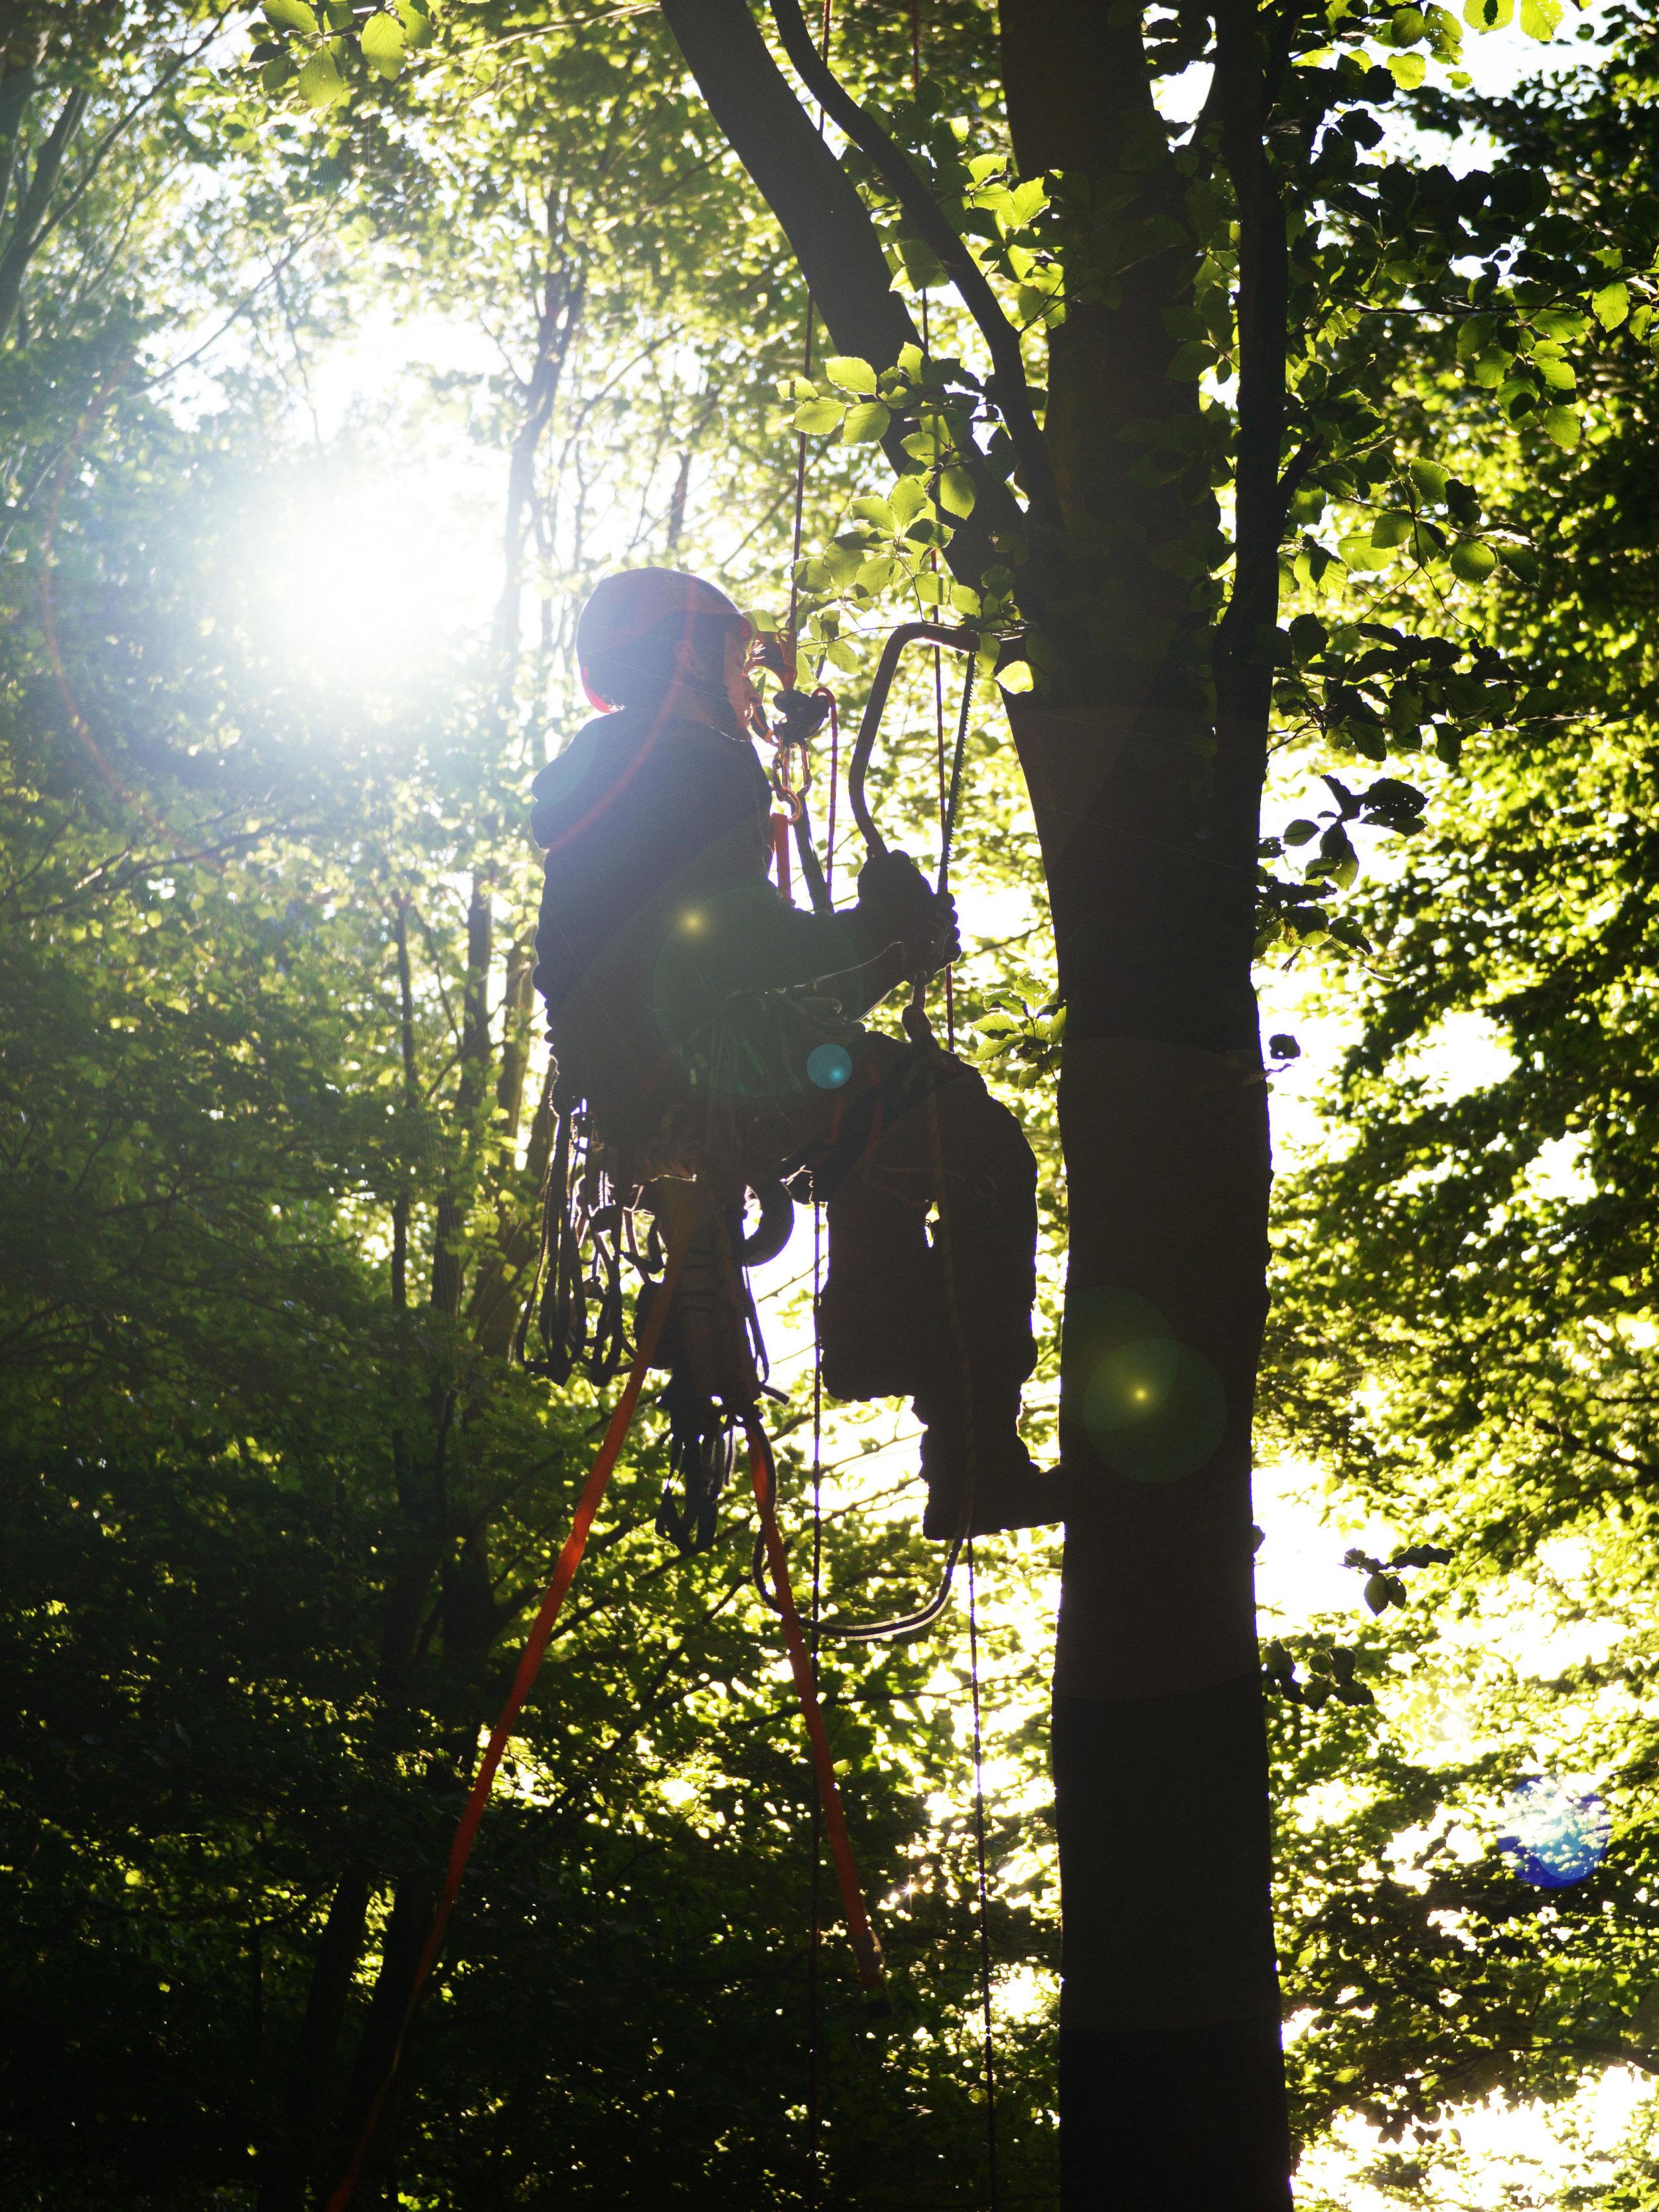 Baumhauslager - Zusammen bauen wir uns vom 22. Juli bis 3. August 2019 in der Region Bern-Freiburg eine Unterkunft in luftiger Höhe und erfahren dabei die Natur auf eine einzigartige Weise. Neben dem Bauen und vielen anderen Aktivitäten, erleben wir auch besinnliche Momente und Lagerfeuerromantik.Weitere Infos